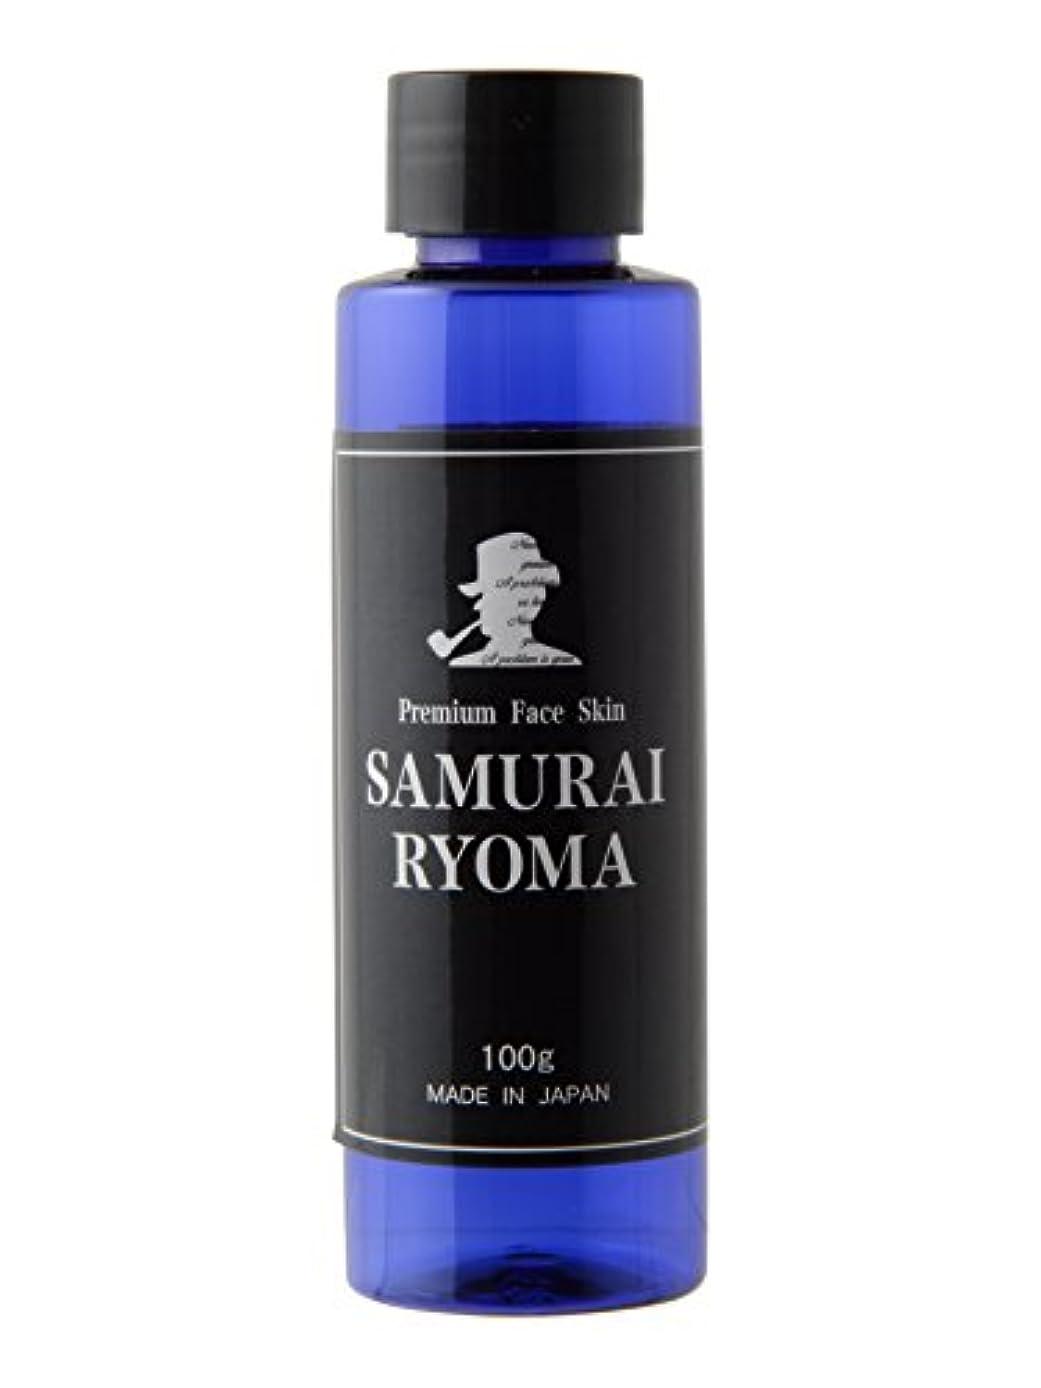 茎素敵なトライアスリートサムライ リョウマ (SAMURAI RYOMA) オールインワン 化粧水 & アフターシェーブローション メンズ スキンケア 男性 用